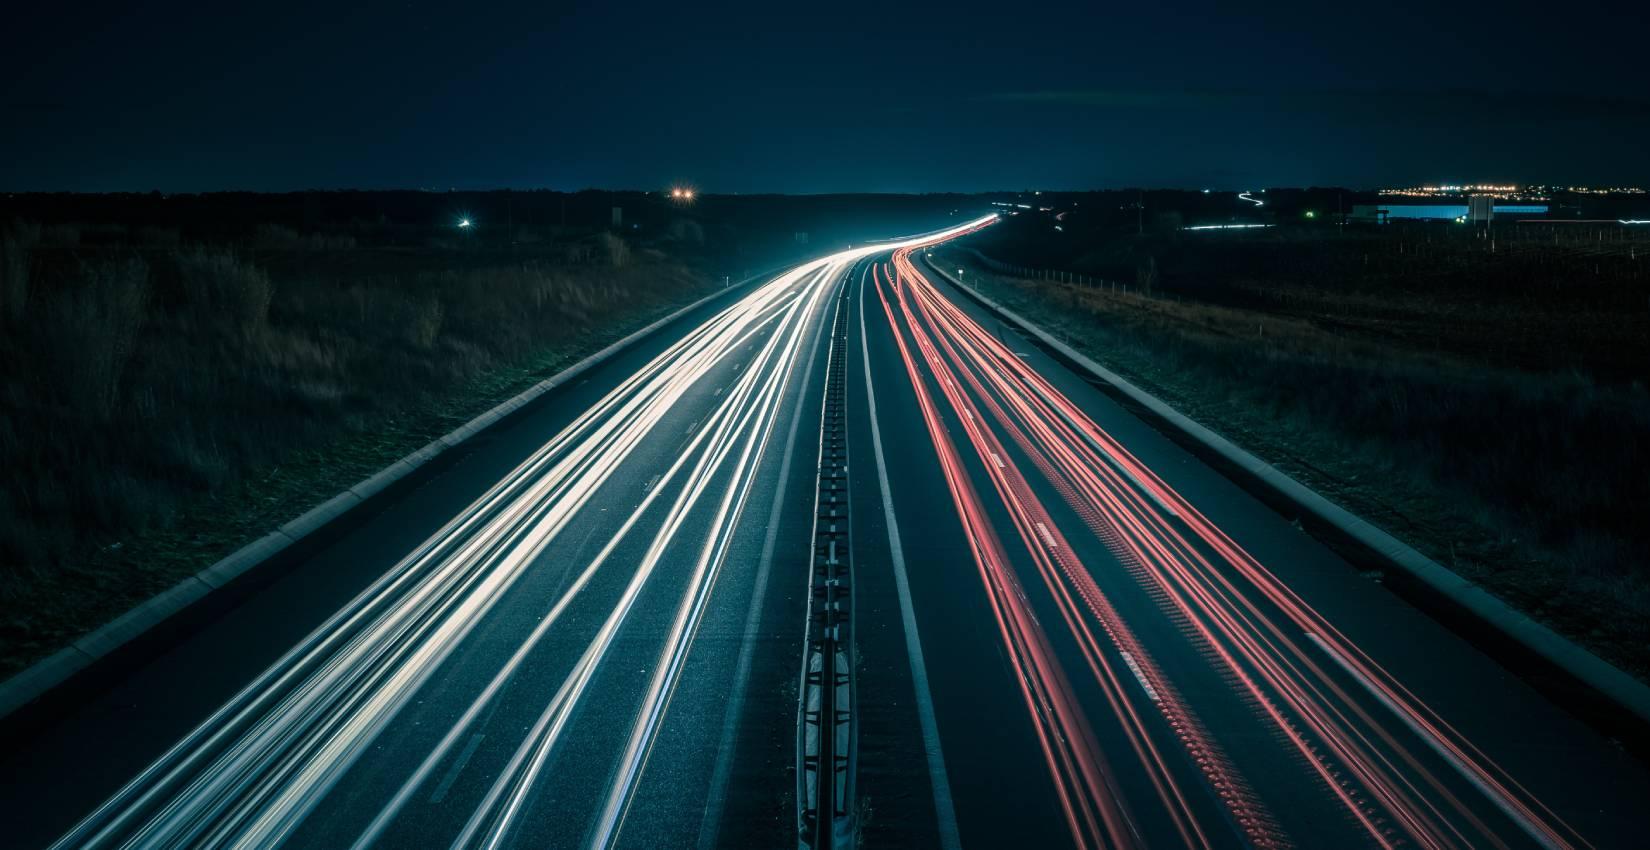 Havarijní stav dálničního přivaděče vyžaduje okamžitou opravu